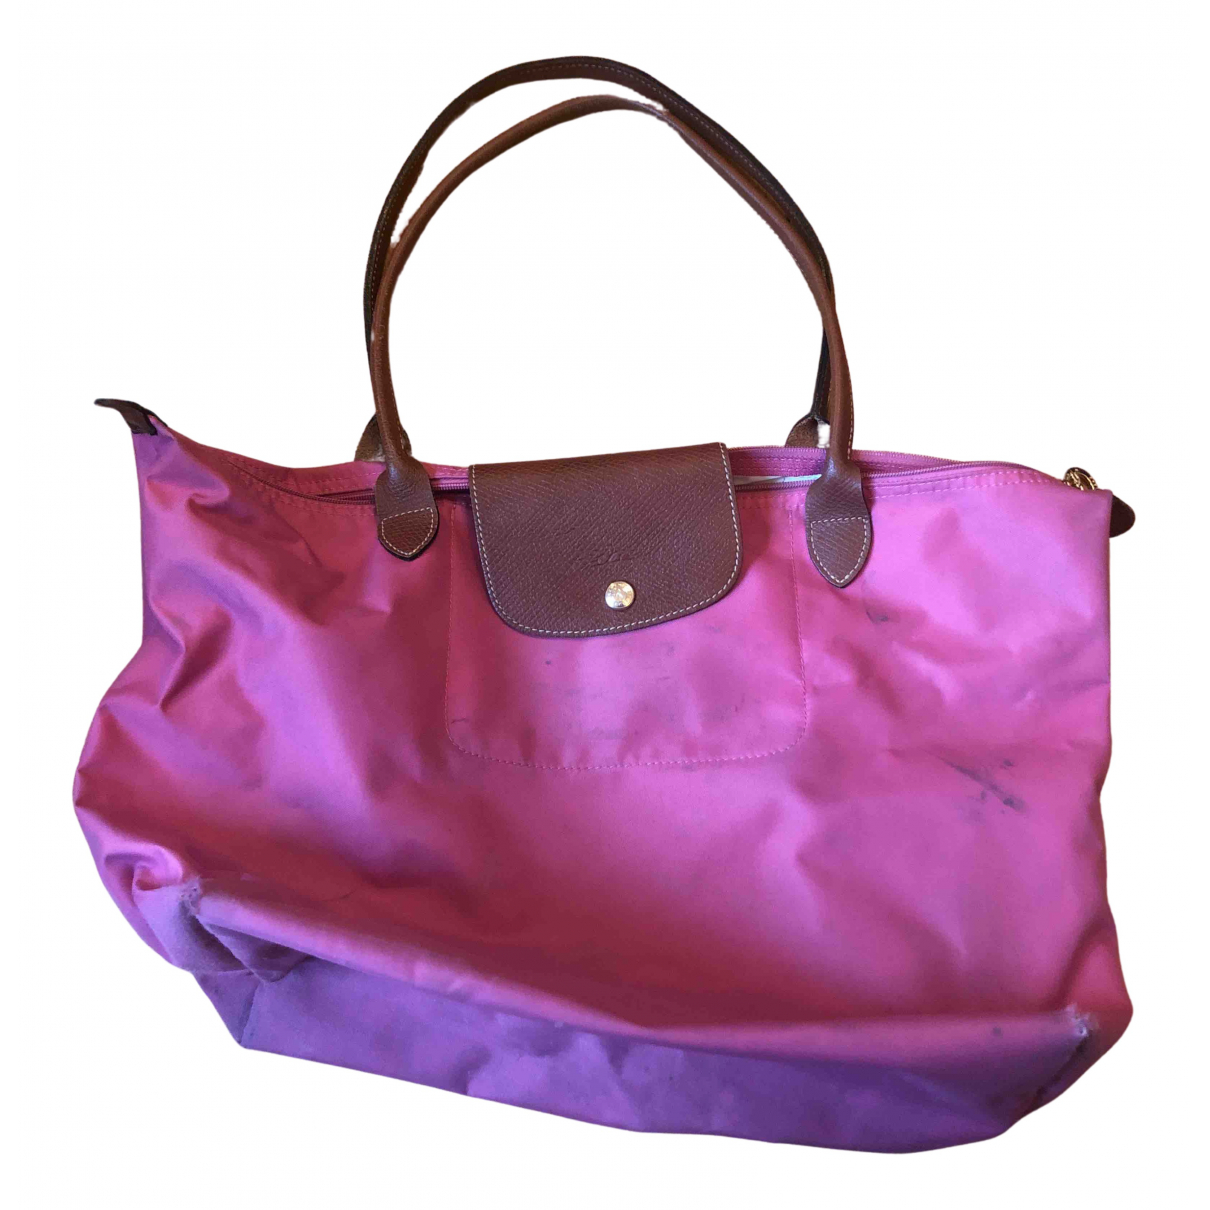 Longchamp - Sac a main Pliage  pour femme - rose